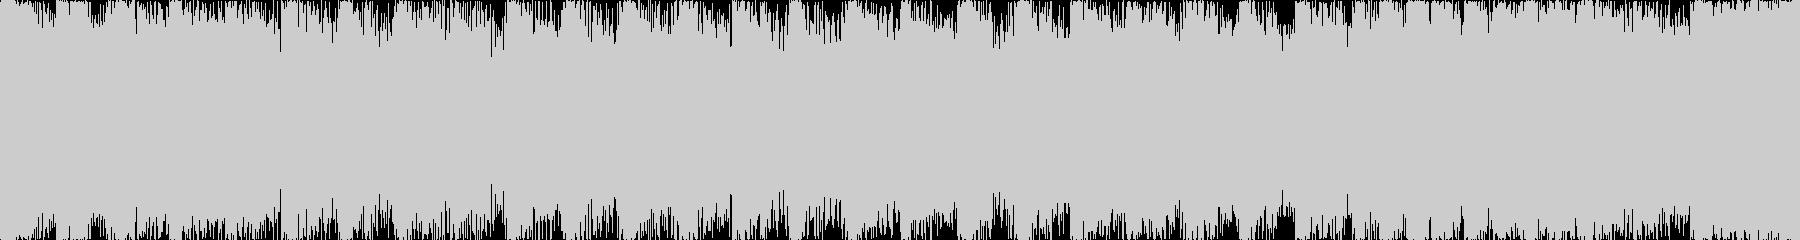 【ループF】ヘヴィーで攻撃的エレキギターの未再生の波形